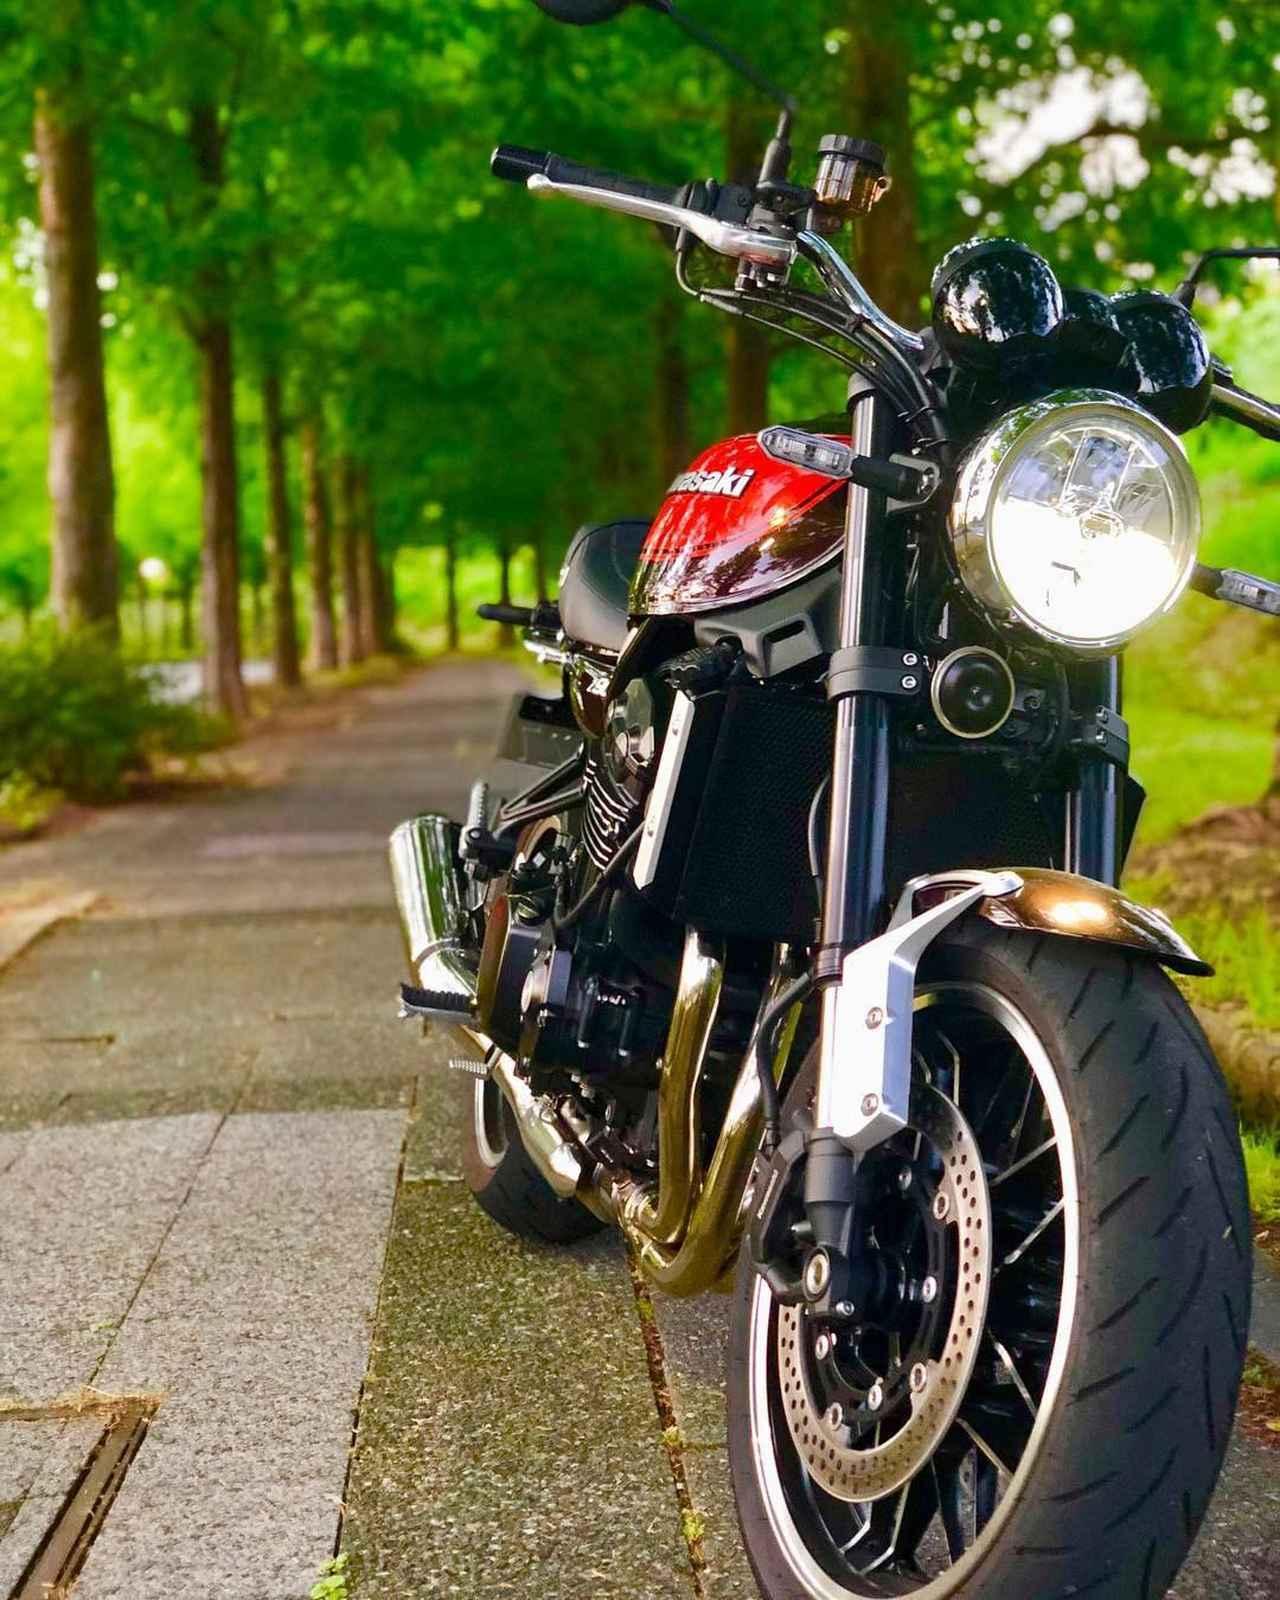 """画像1: gravity of kawasaki on Instagram: """"美しい見た目と男らしいエンジン音が融合したカワサキ Z900RS。 クラシカルな雰囲気と特有の光沢を放ちながら走る姿は、まるで炎が走り抜けていくようです! ・ こちらの素敵なお写真を撮影された @yu bike さんの愛車への想いをインタビューしました!…"""" www.instagram.com"""